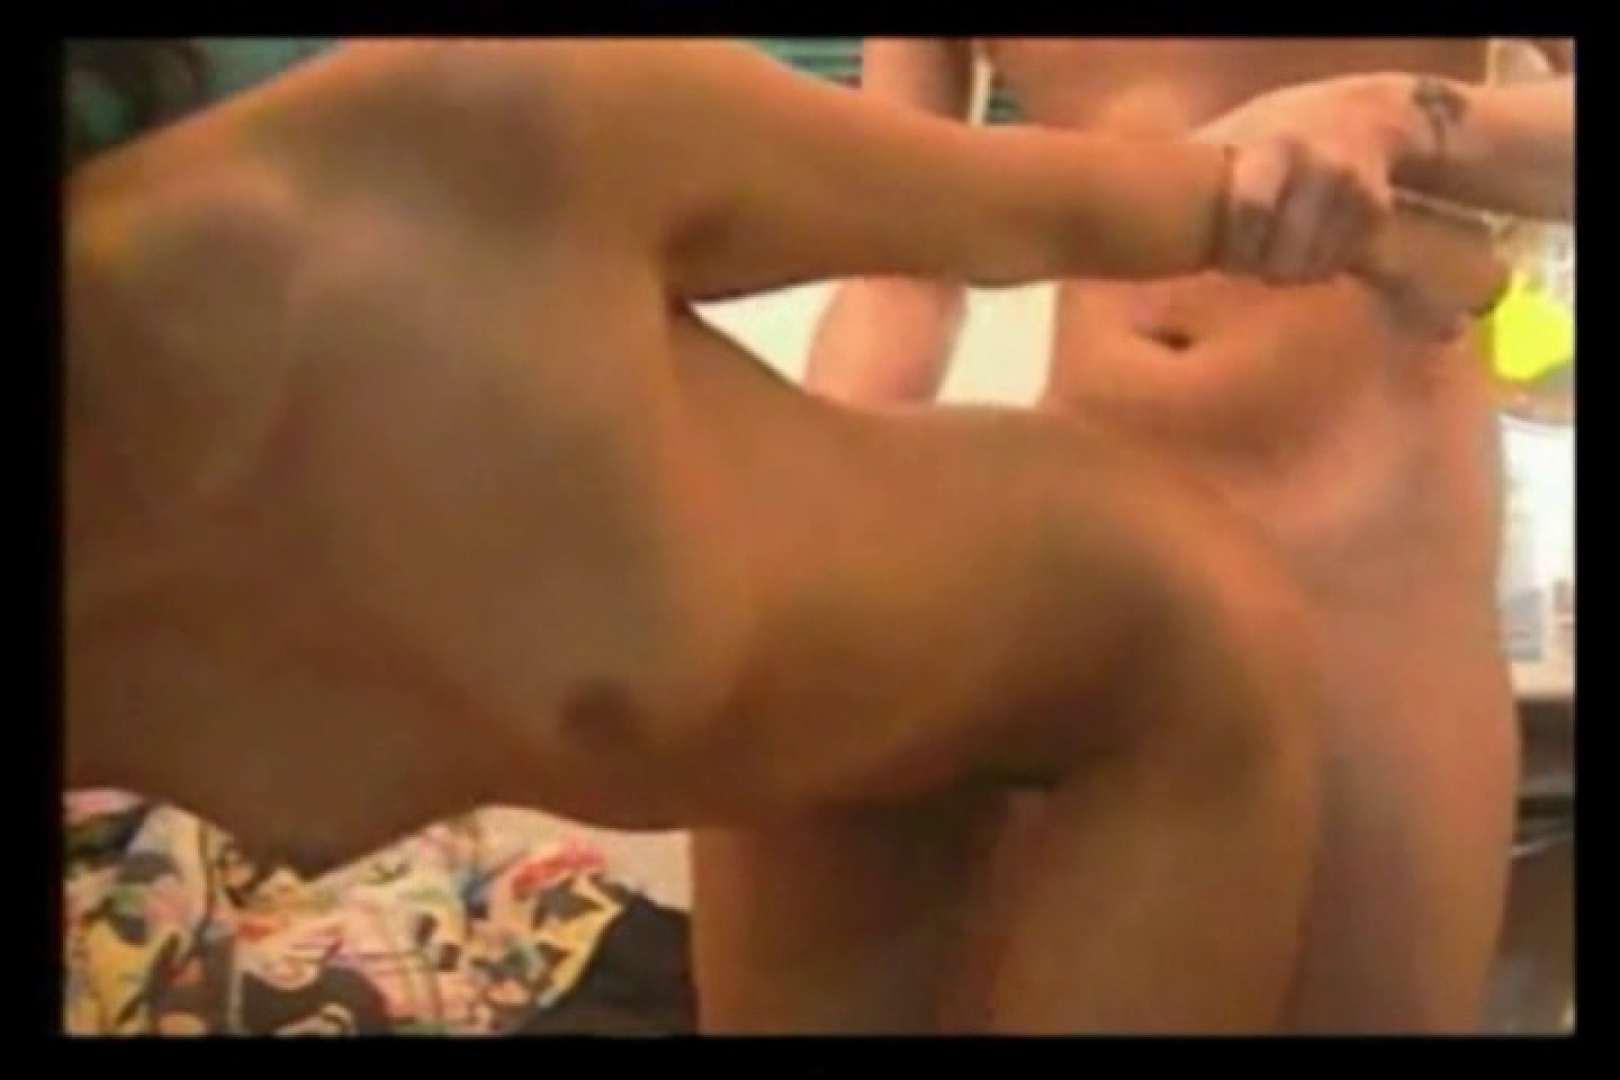 ウイルス流出 台港大学のミス・キャンパス達のハメ撮り映像流出_Leaf 美女のエッチ  104pic 62